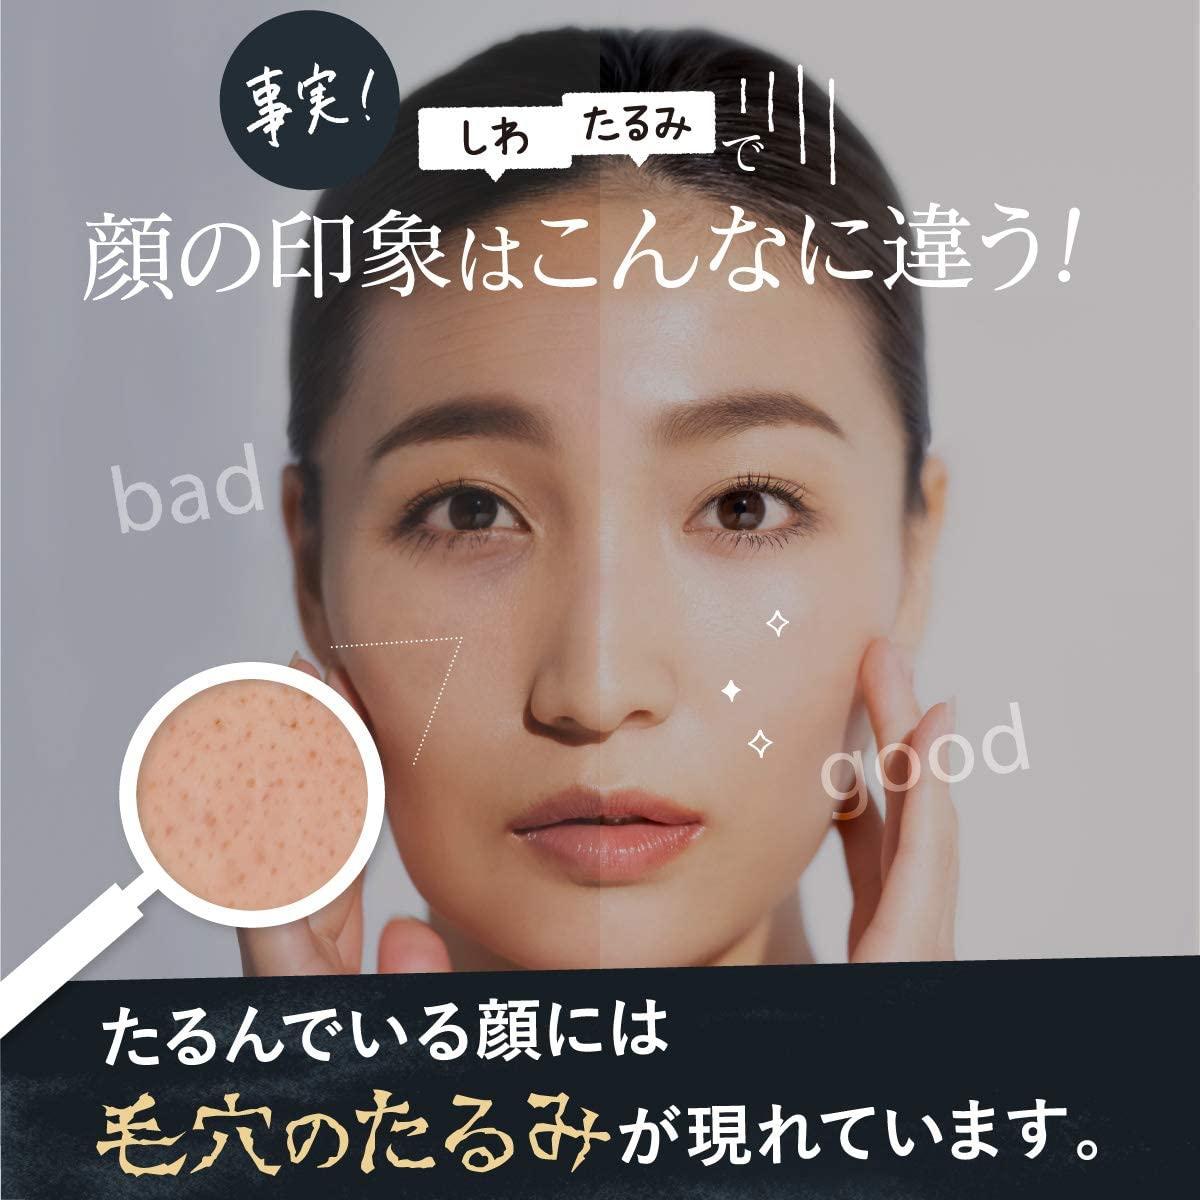 shimaboshi(シマボシ) ラスターリッチクリームの商品画像4